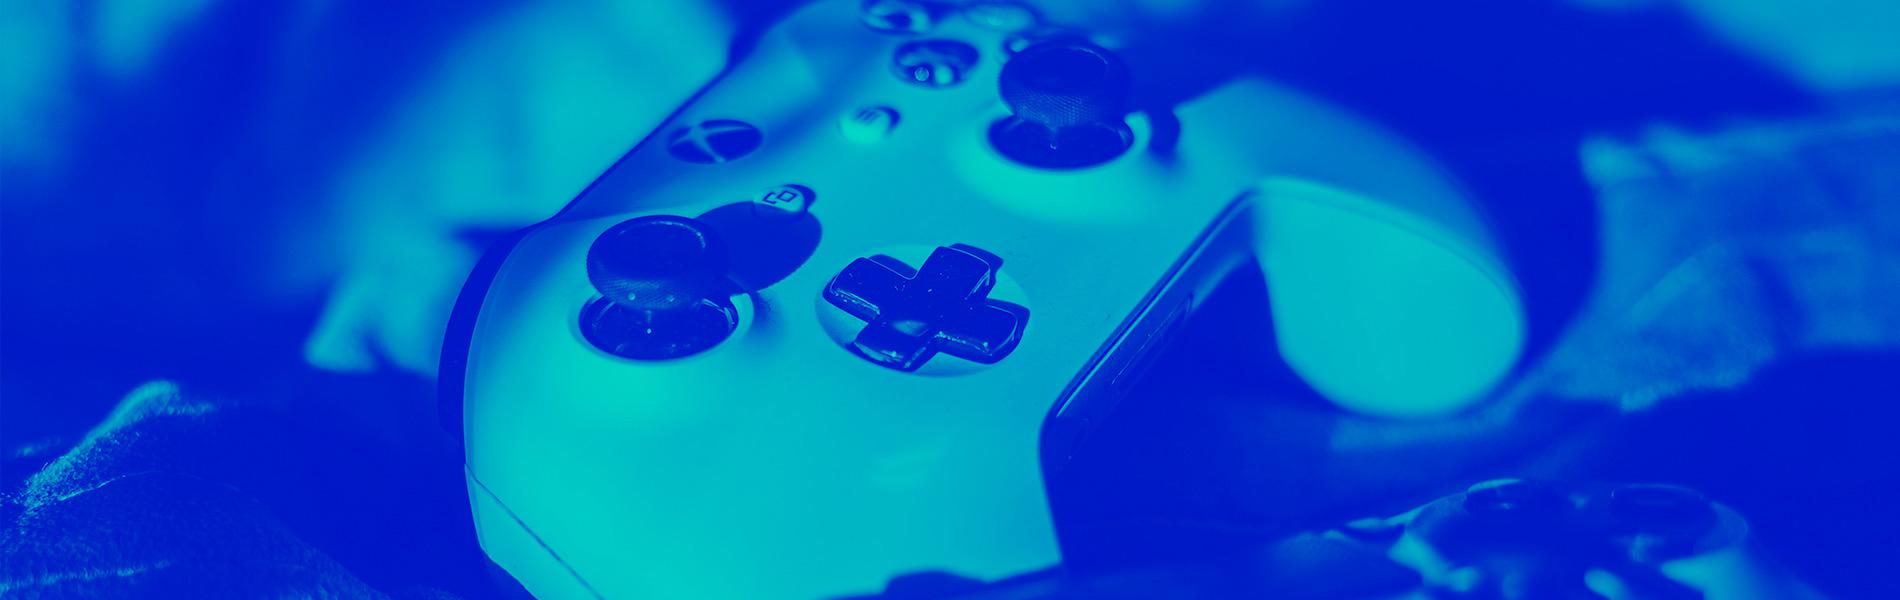 Top 10 videojuegos más vendidos de la historia